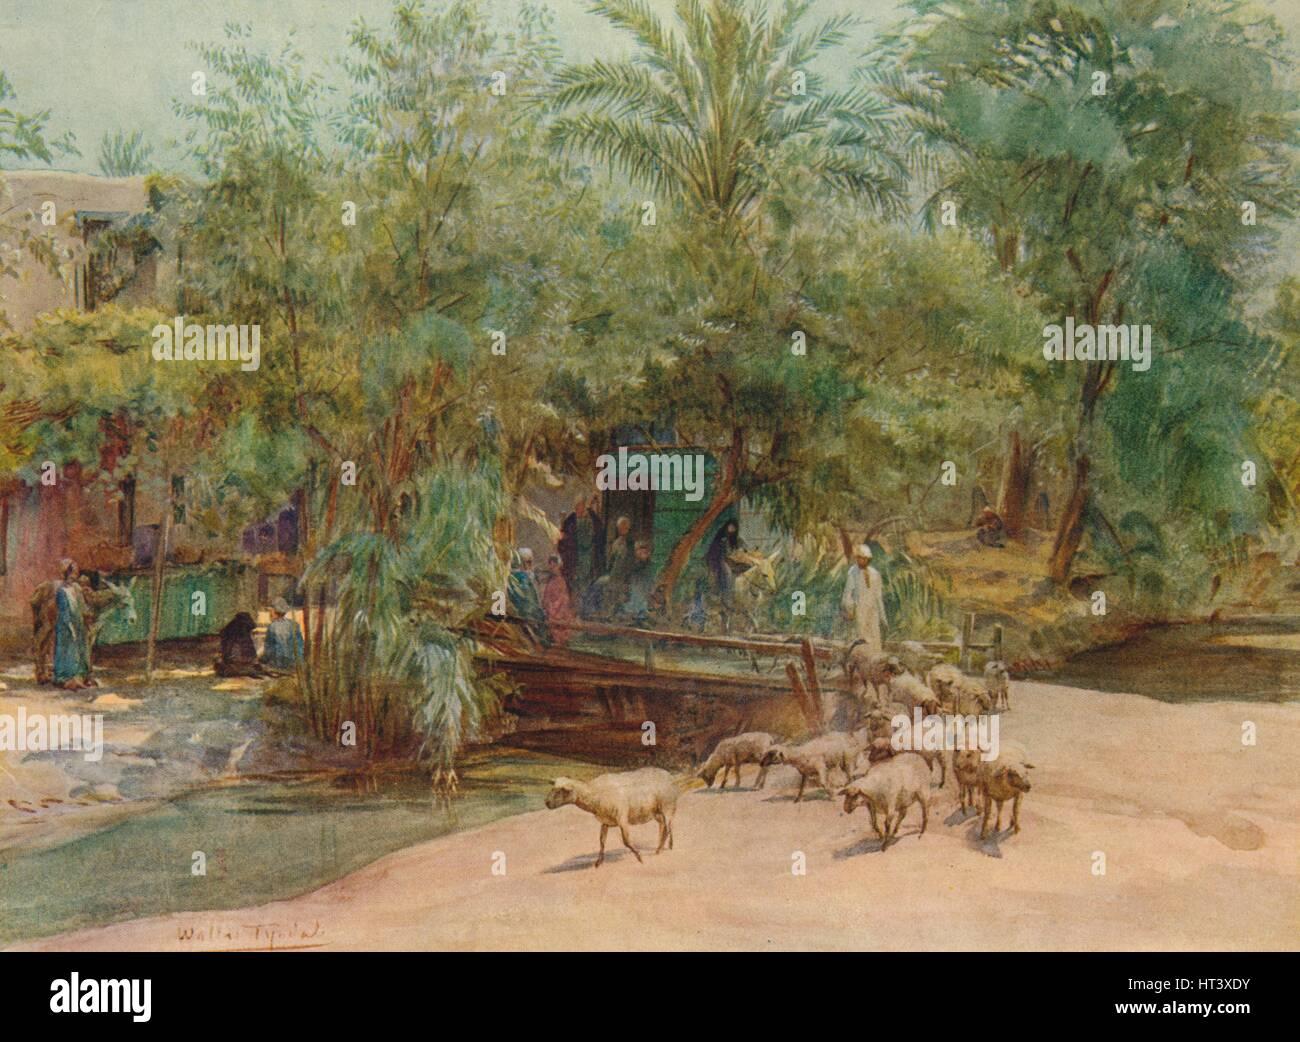 """"""" Il villaggio di Marg', c1905, (1912). Artista: Walter Frederick Roofe Tyndale. Immagini Stock"""